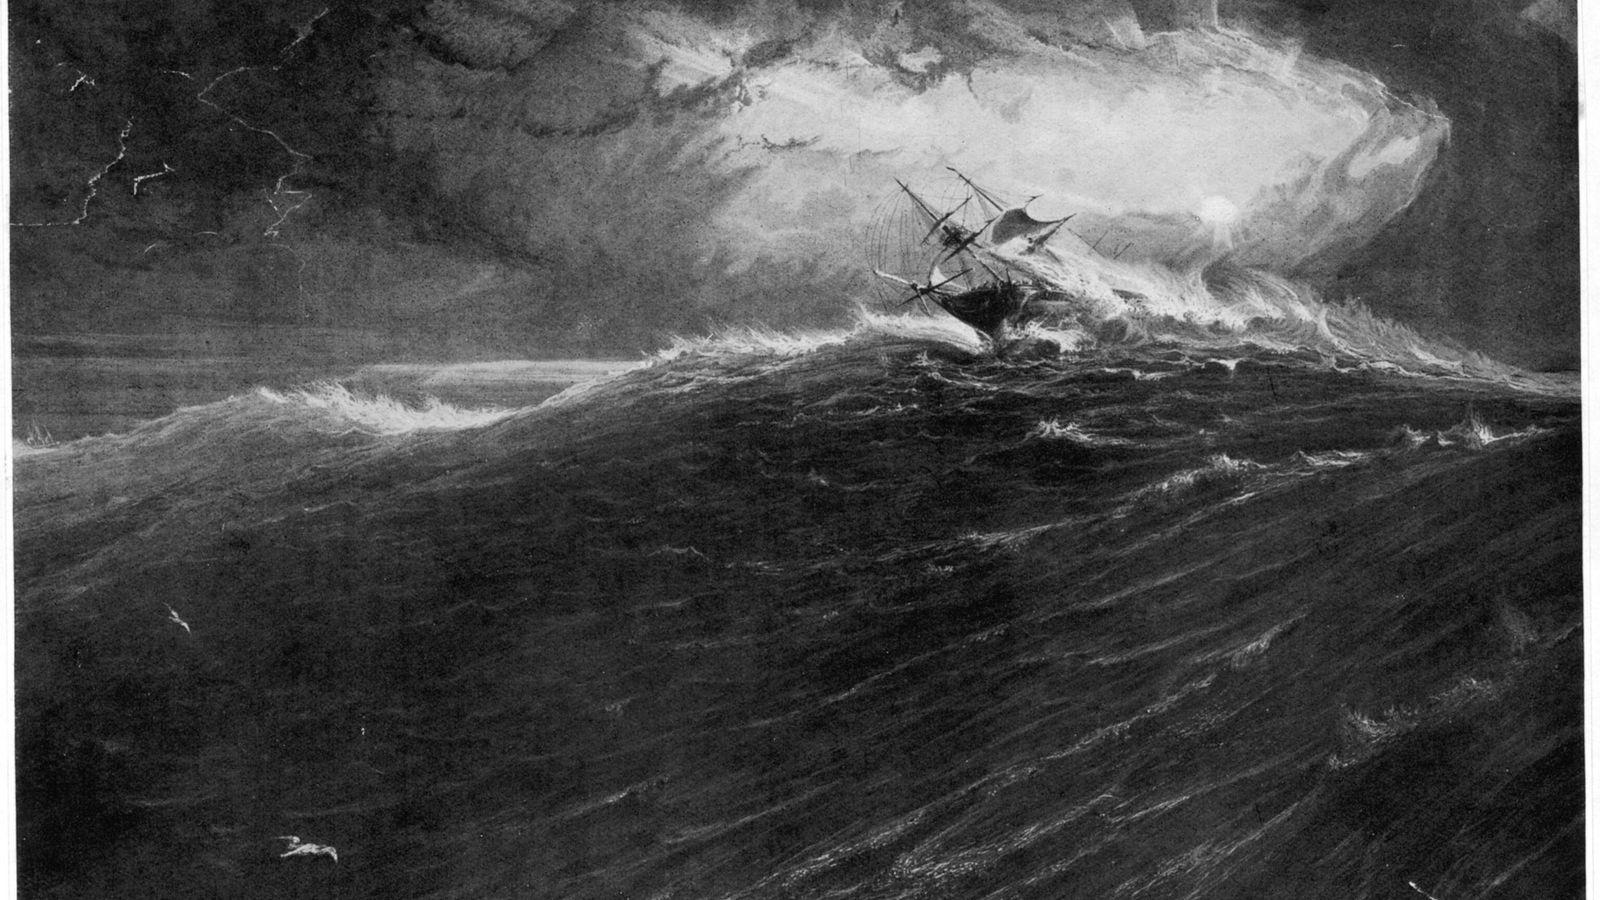 Un barco se sacude en el cabo de Buena Esperanza